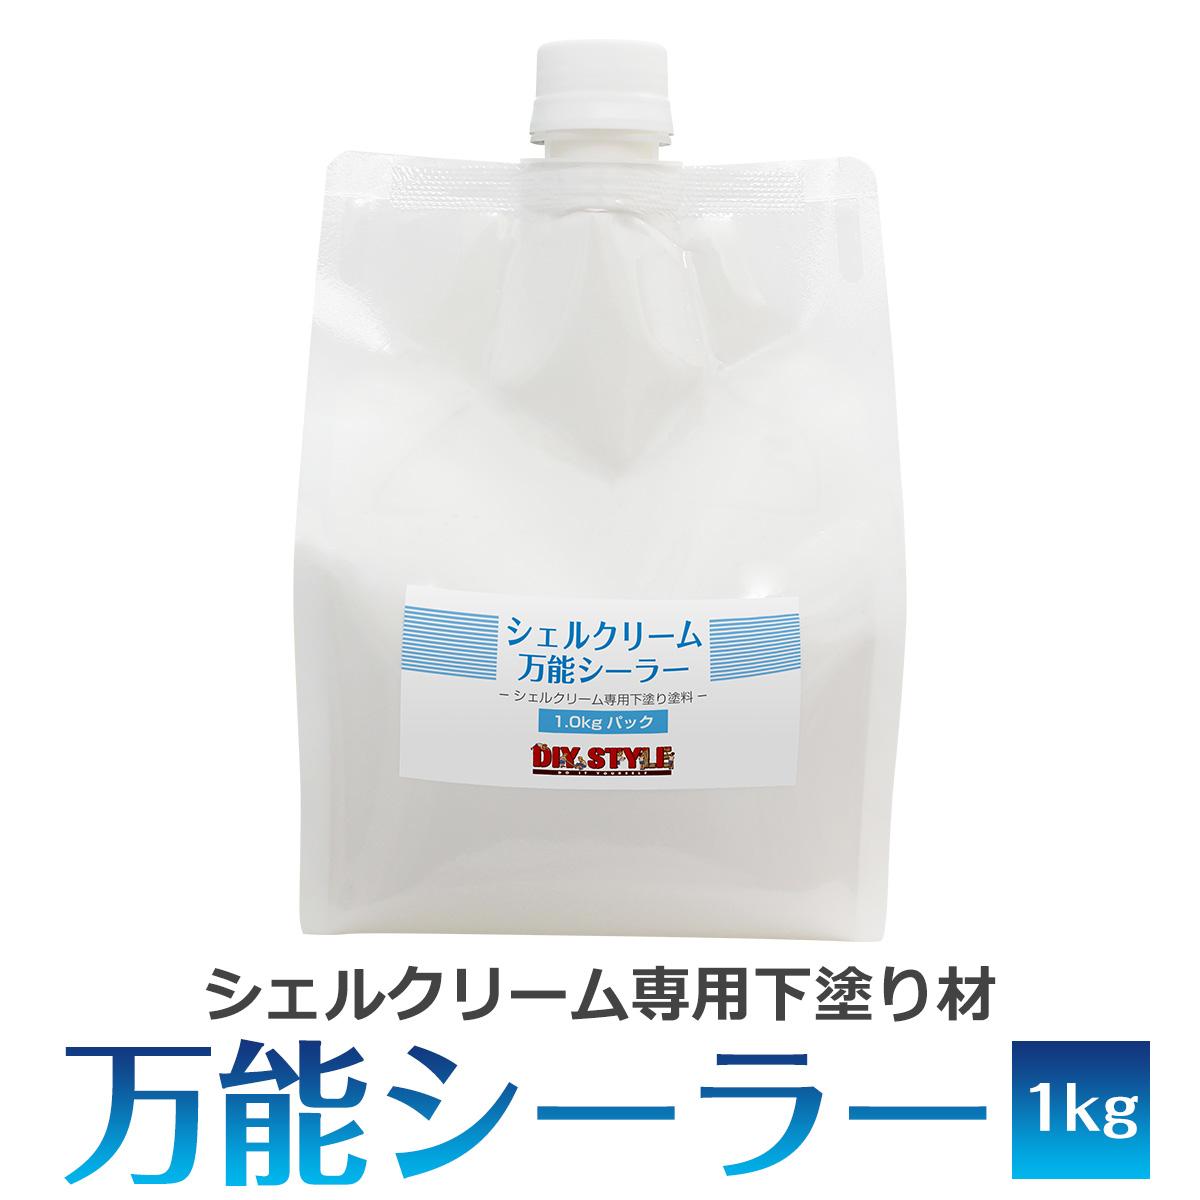 シェルクリームの専用下塗り材 万能シーラー 1kg